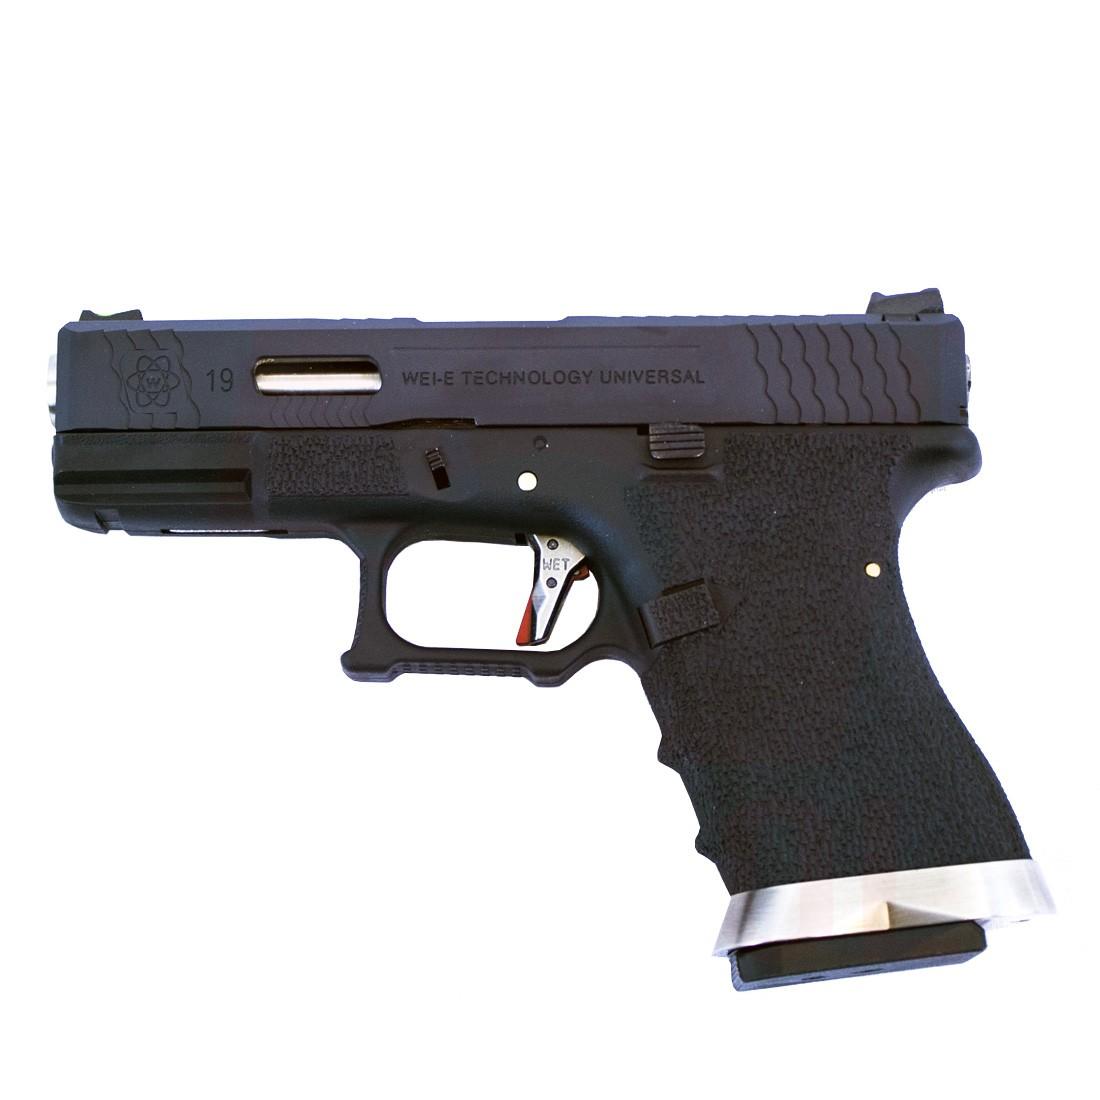 WE Glock 19 Force GBB Pistol (Black Slide/Silver Barrel)